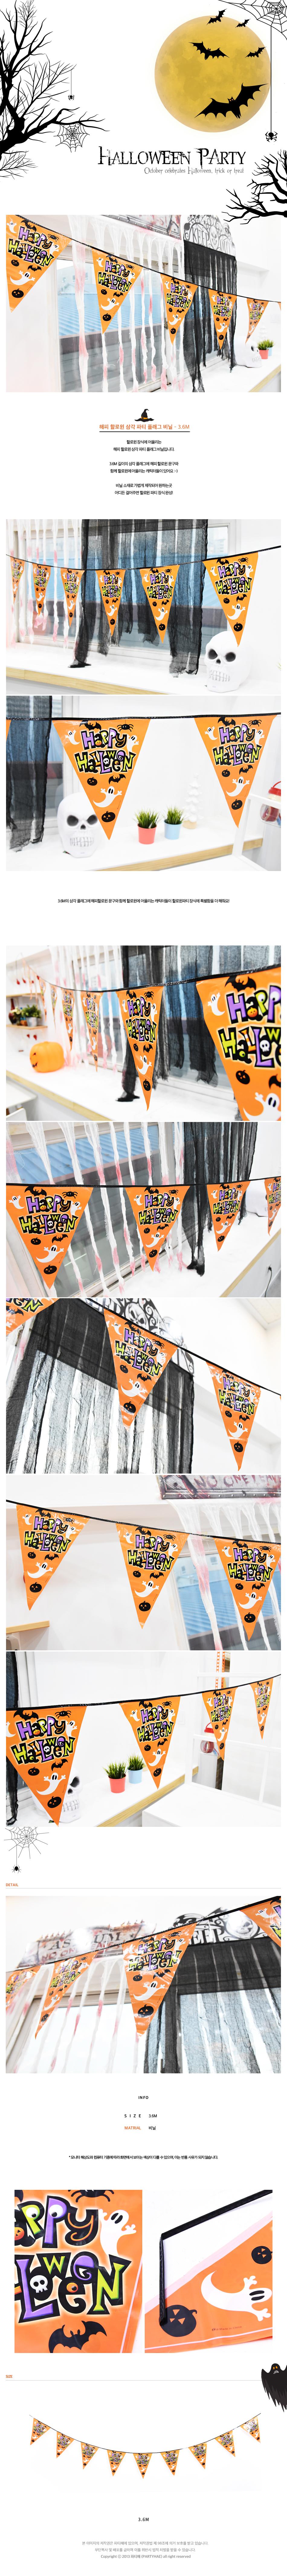 해피할로윈 삼각파티플래그 비닐-3.6M - 파티해, 3,500원, 파티용품, 할로윈 파티